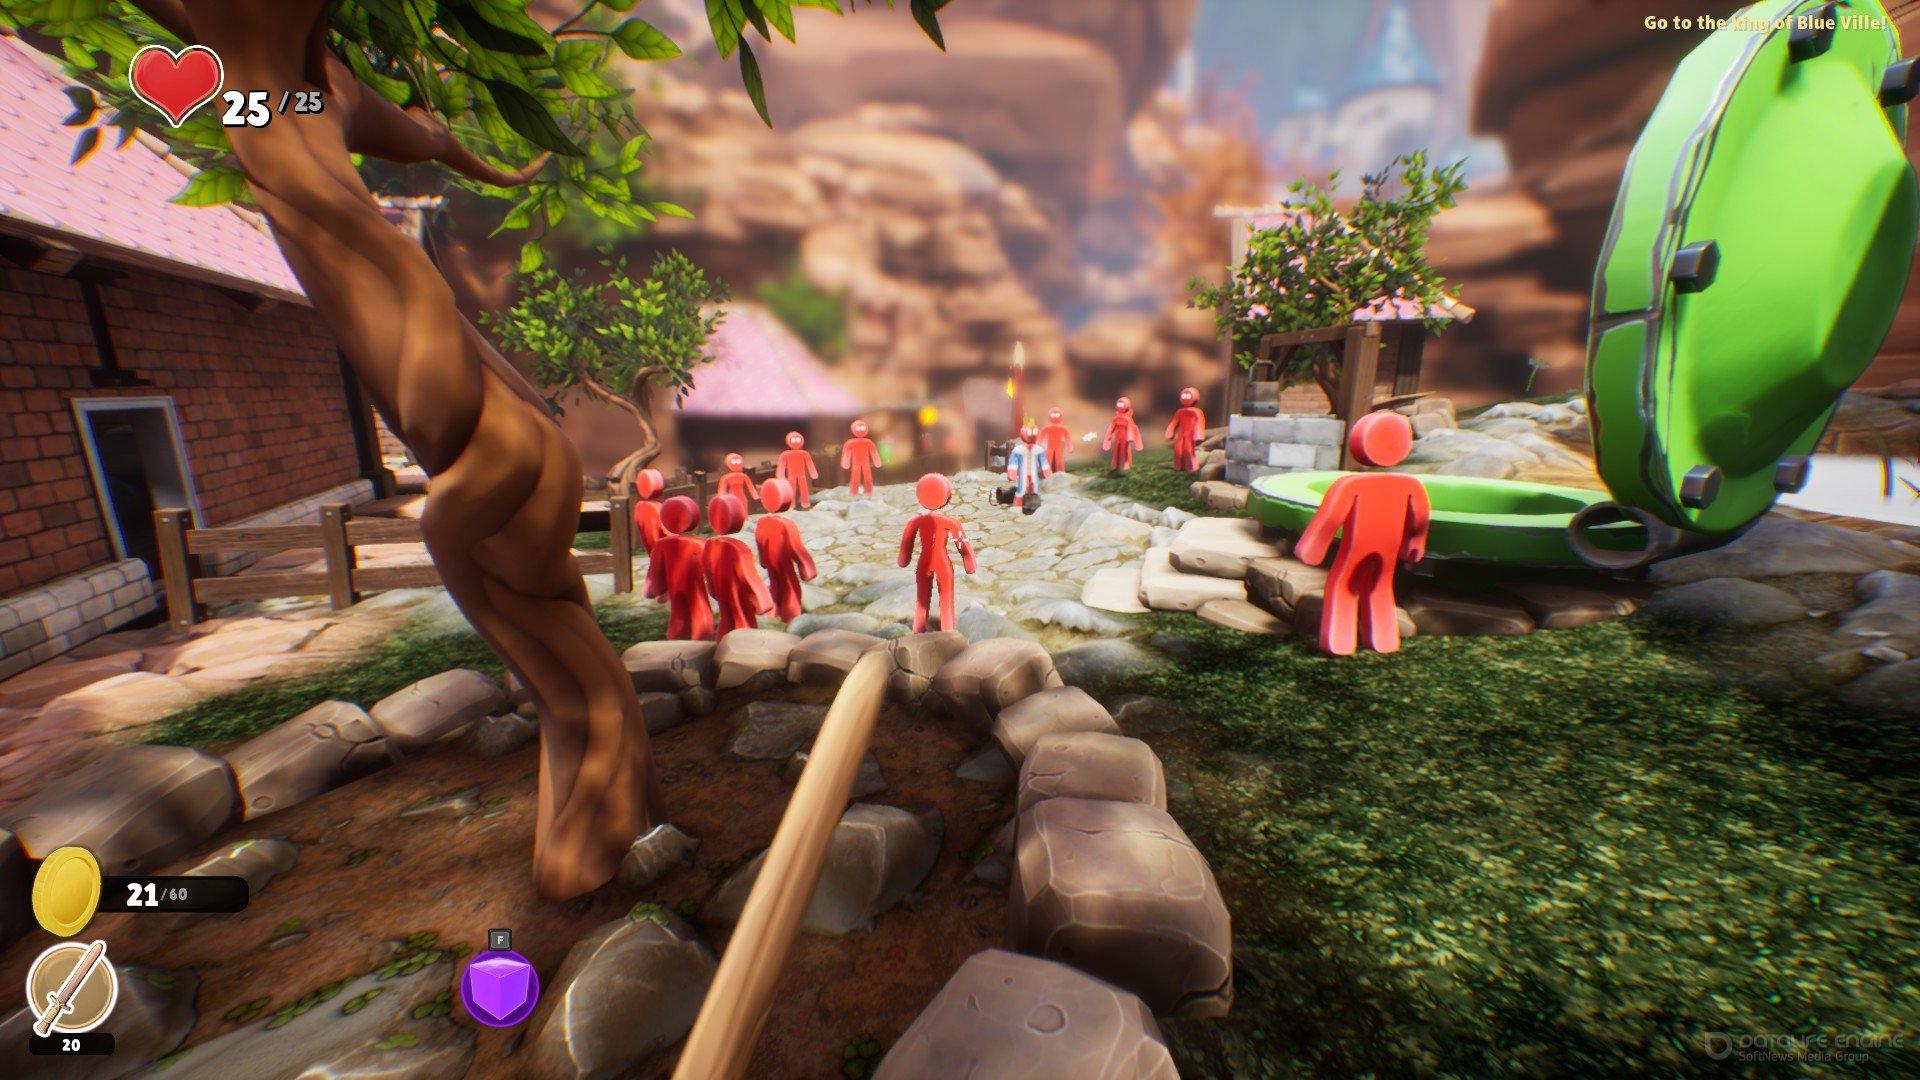 Скриншот к игре Supraland v.1.20.14 [Portable] (2019) скачать торрент Лицензия